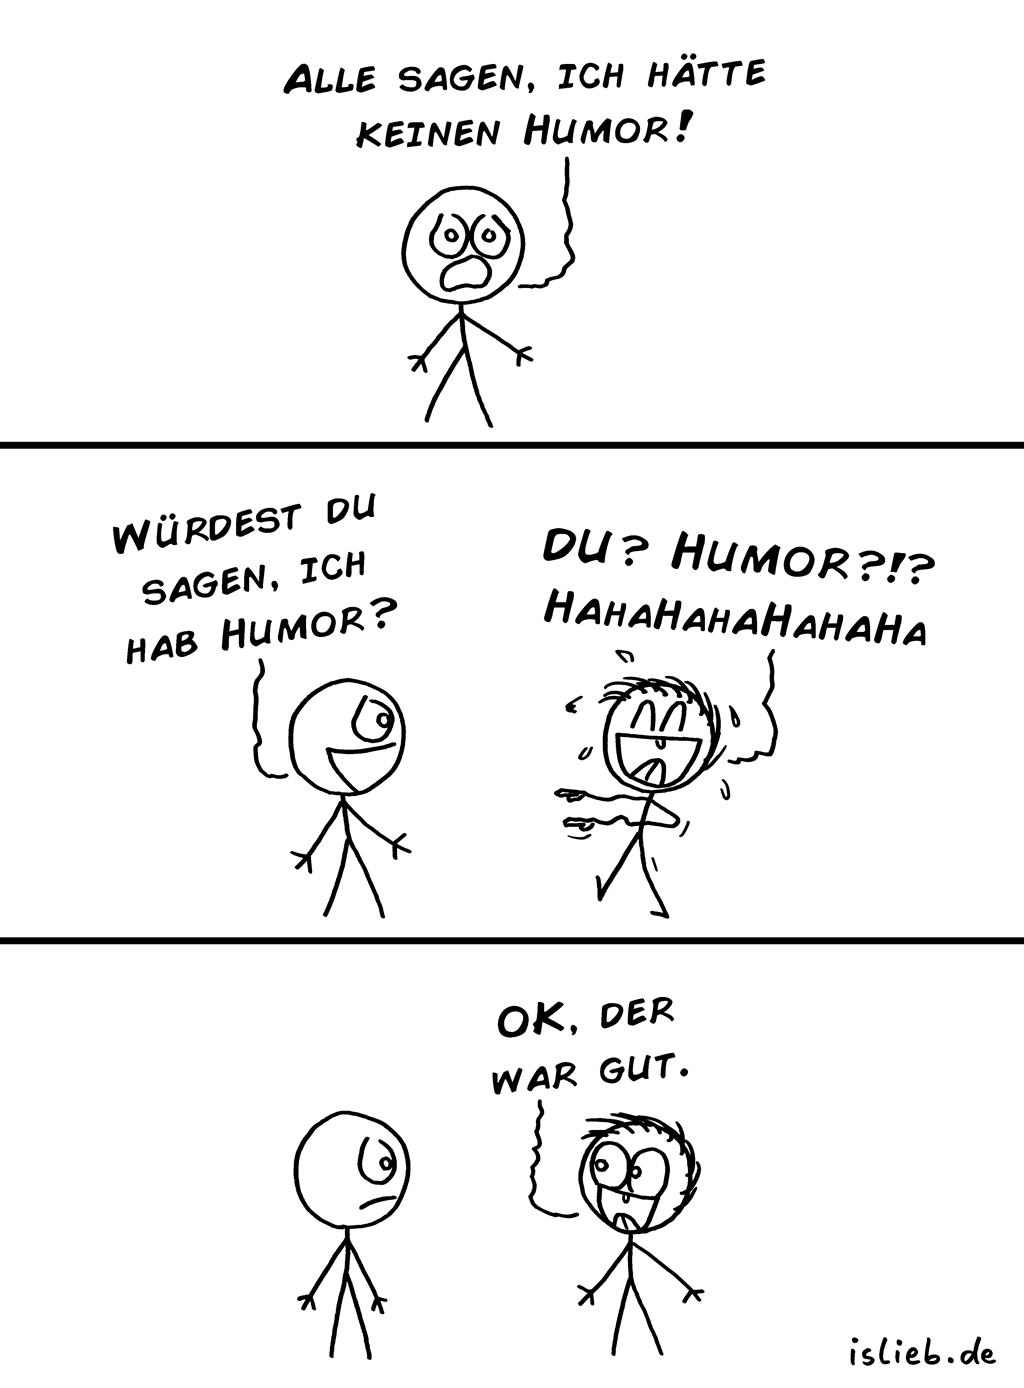 Humor | Strichmännchen-Comic | is lieb? | Alle sagen, ich hätte keinen Humor! Würdest du sagen, ich hab Humor? Du? Humor?!? Hahahahahaha. OK, der war gut. | Witz, lustig, humorvoll, unlustig, nichtlustig, lachen